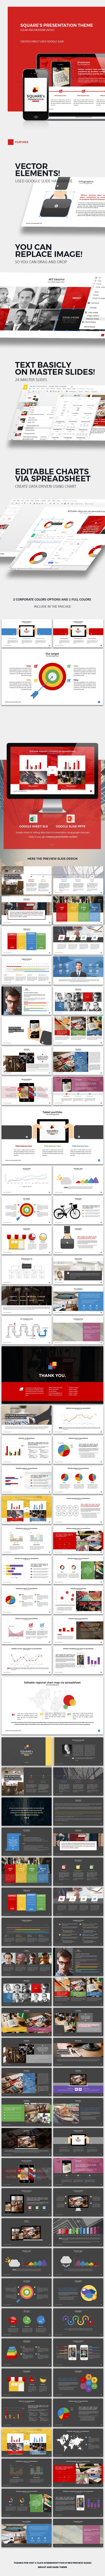 google slide online presentation templaterivatxfz | graphicriver, Presentation templates